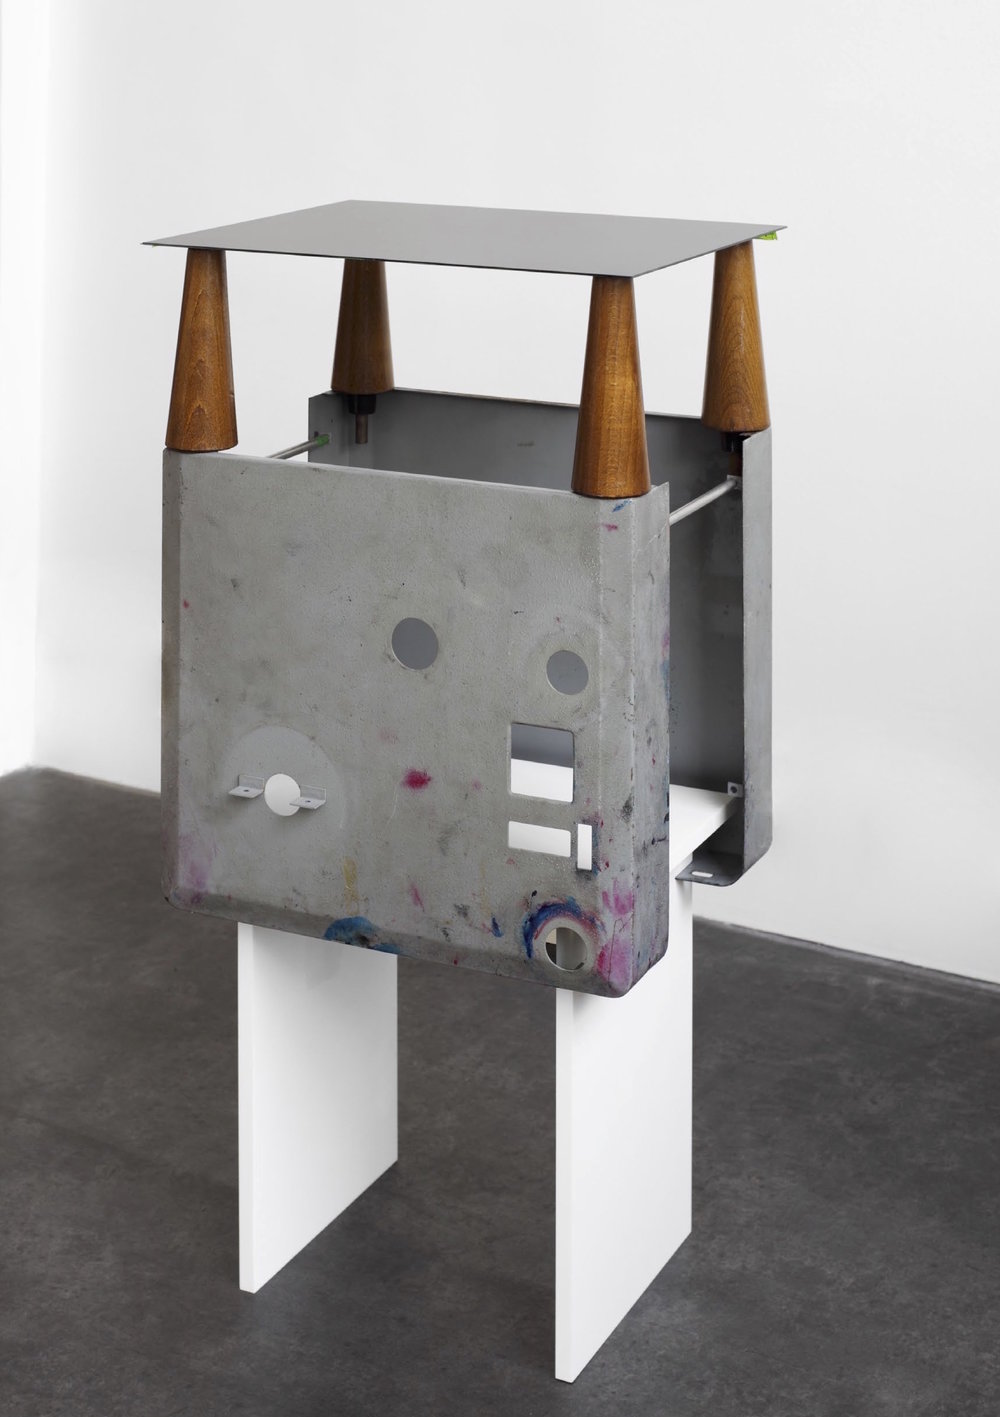 Charlie Boisson  Blue autel  2015 bois, tôle d'acier,résine synthétique, écrans lcd 30 x 40 x 80 cm © courtesy of the artist & galerie l'inlassable